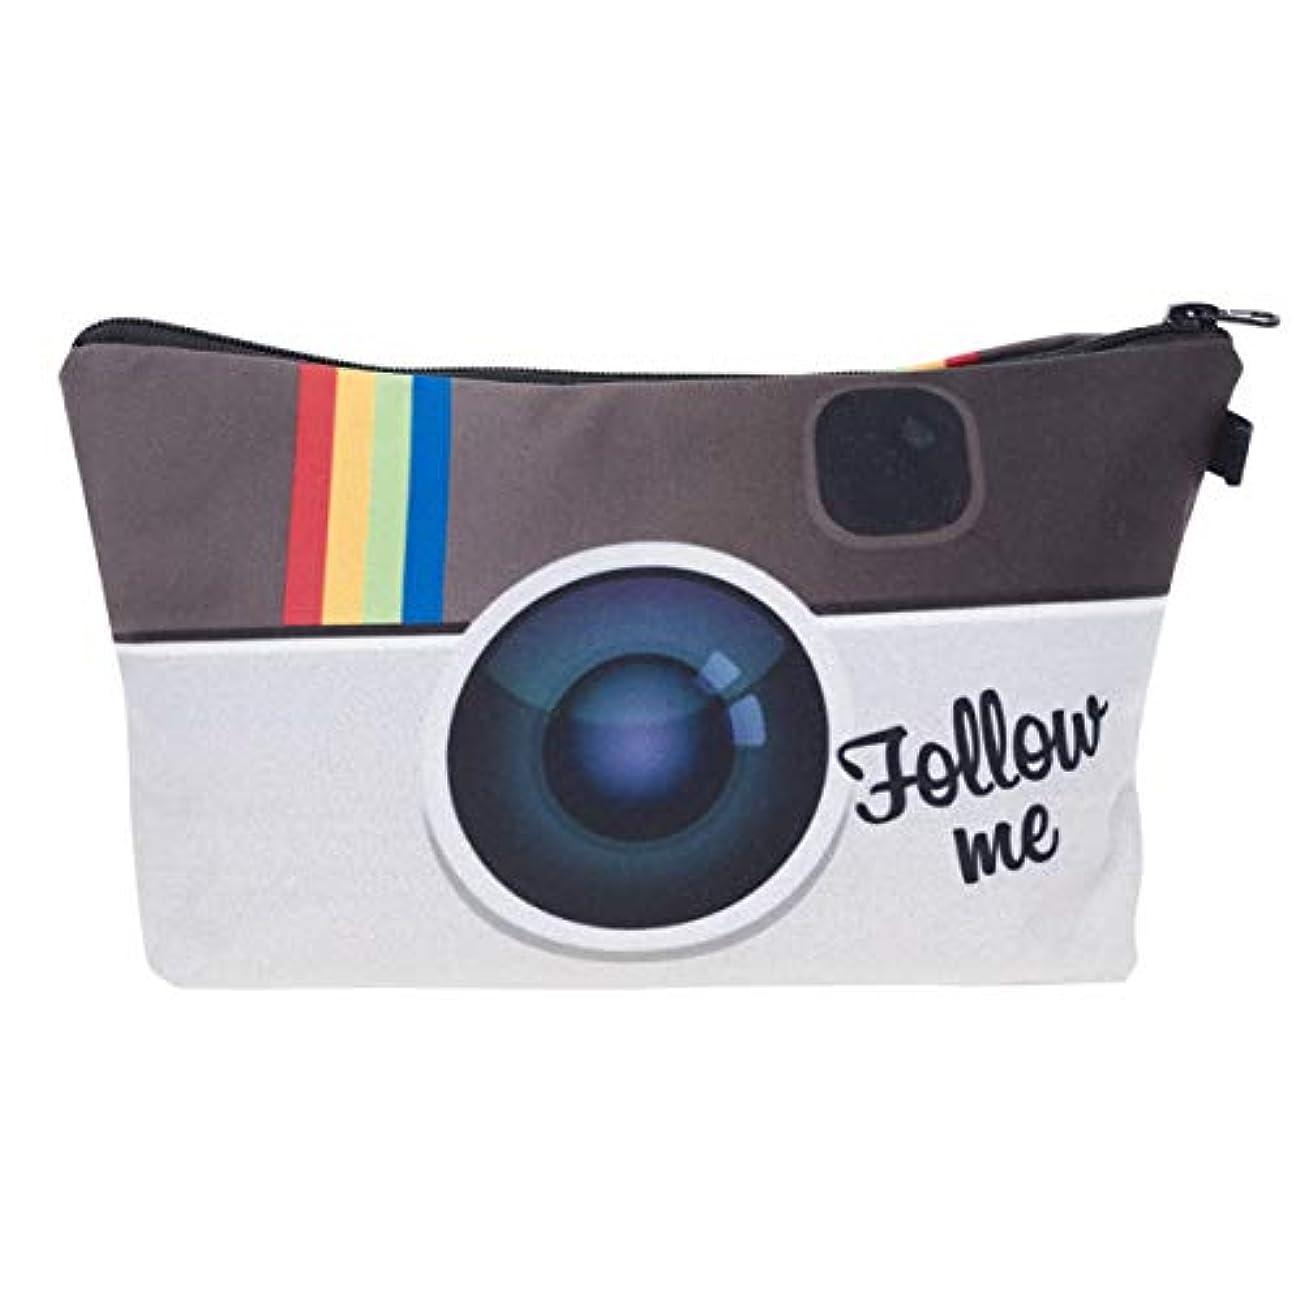 手錠ブラジャースポーツマンwijaso 丈夫な3 D印刷カメラは、旅行化粧バッグのために化粧品バッグ多機能を投げます(None 01)